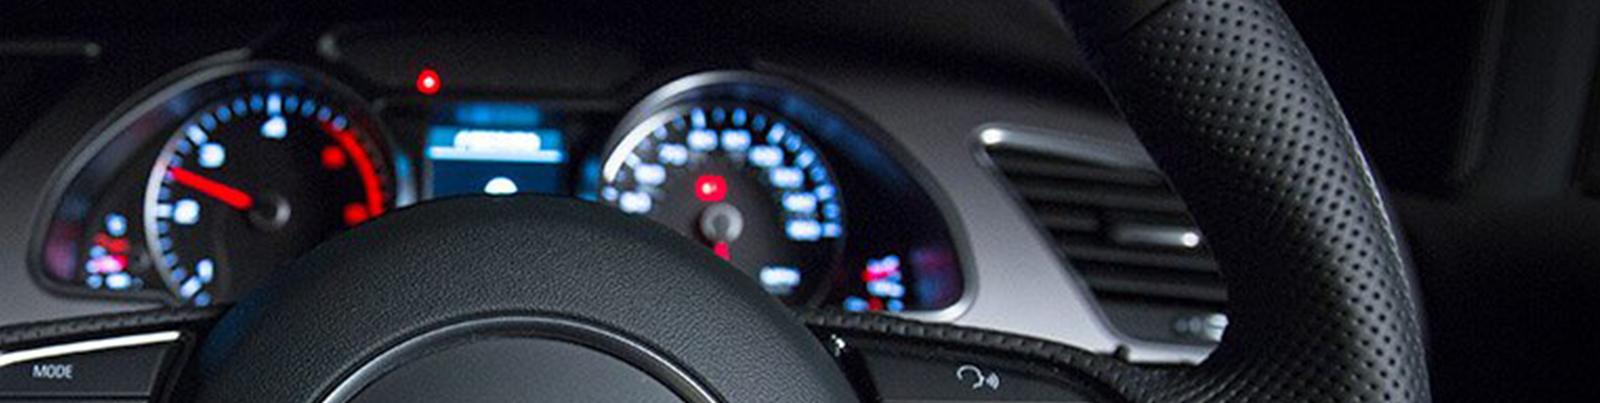 réparation flotte automobile locafinance